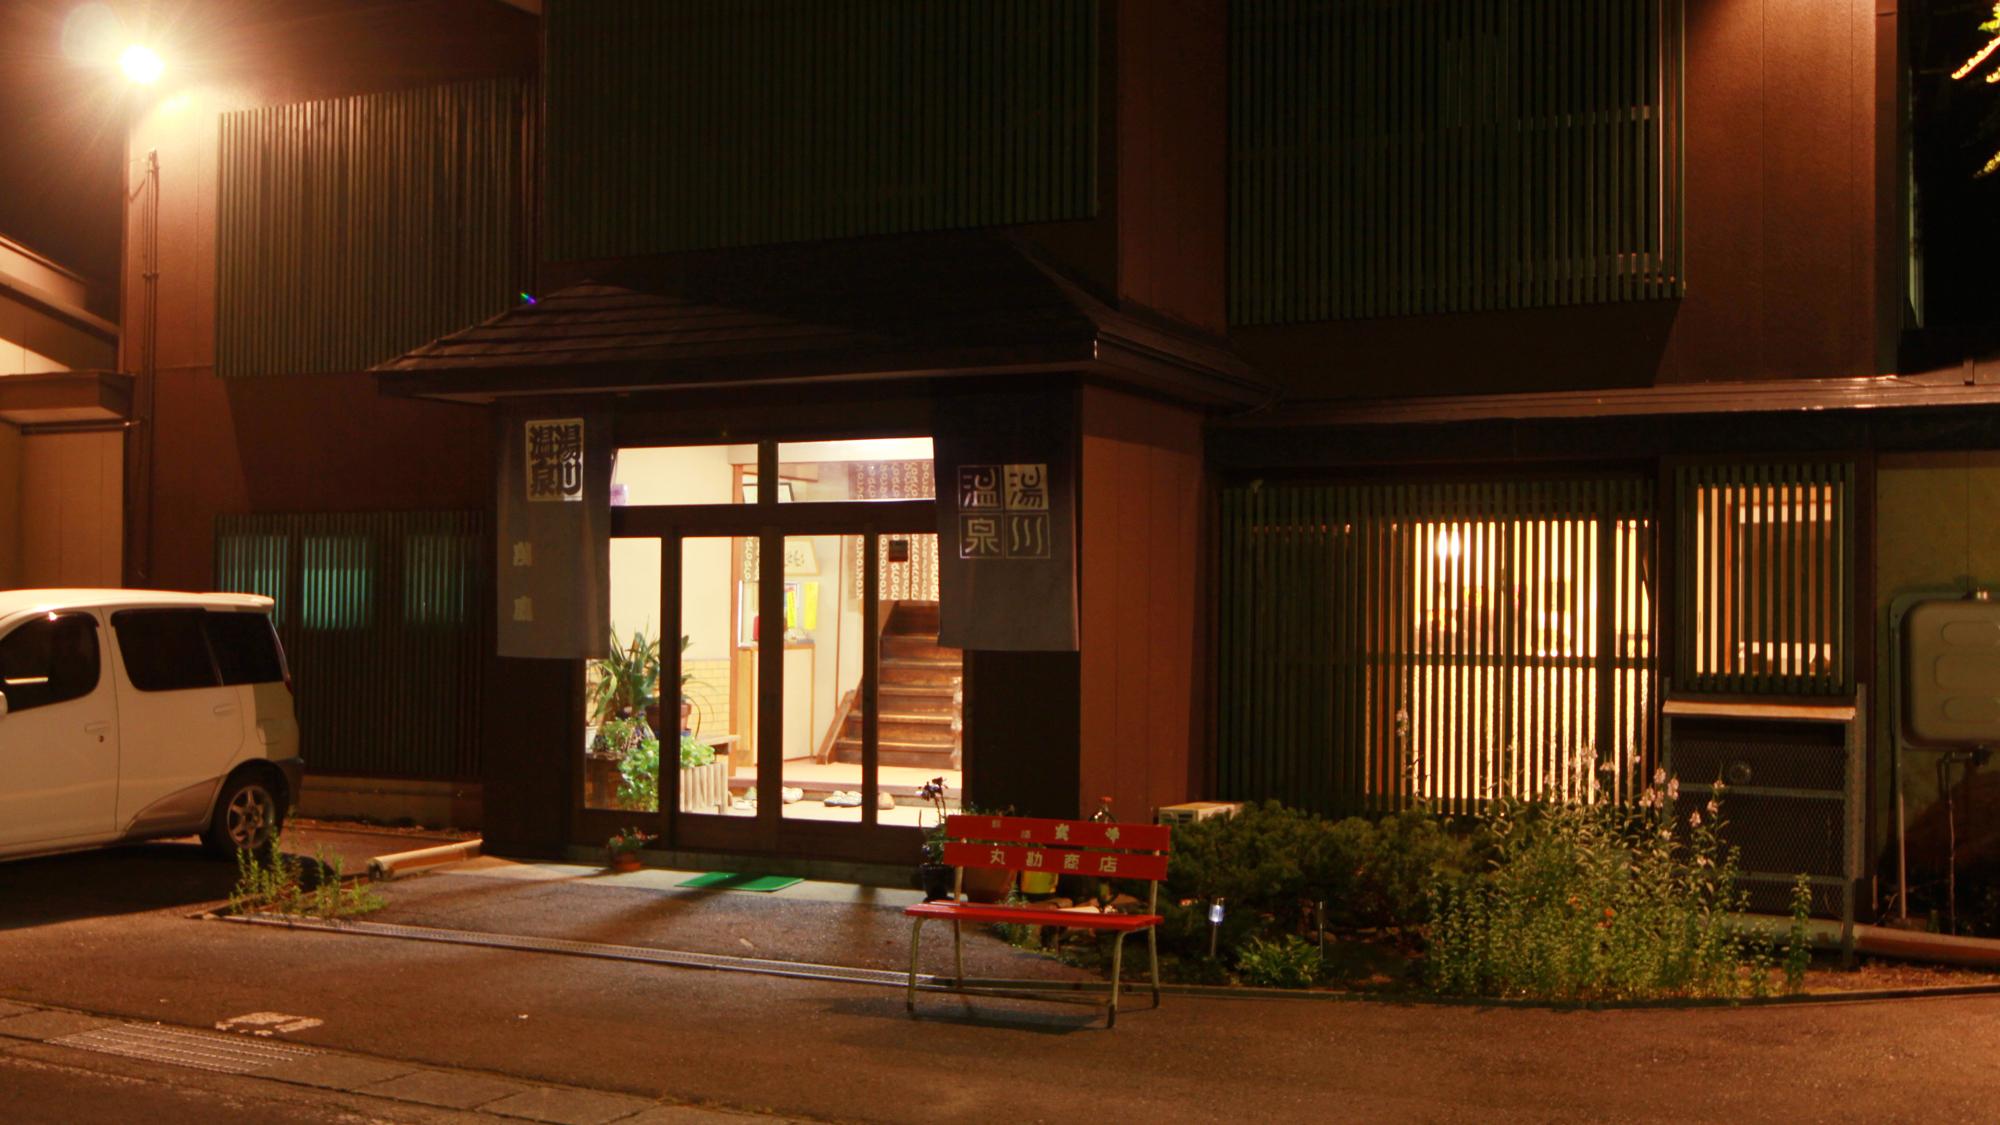 湯川温泉 萬鷹旅館